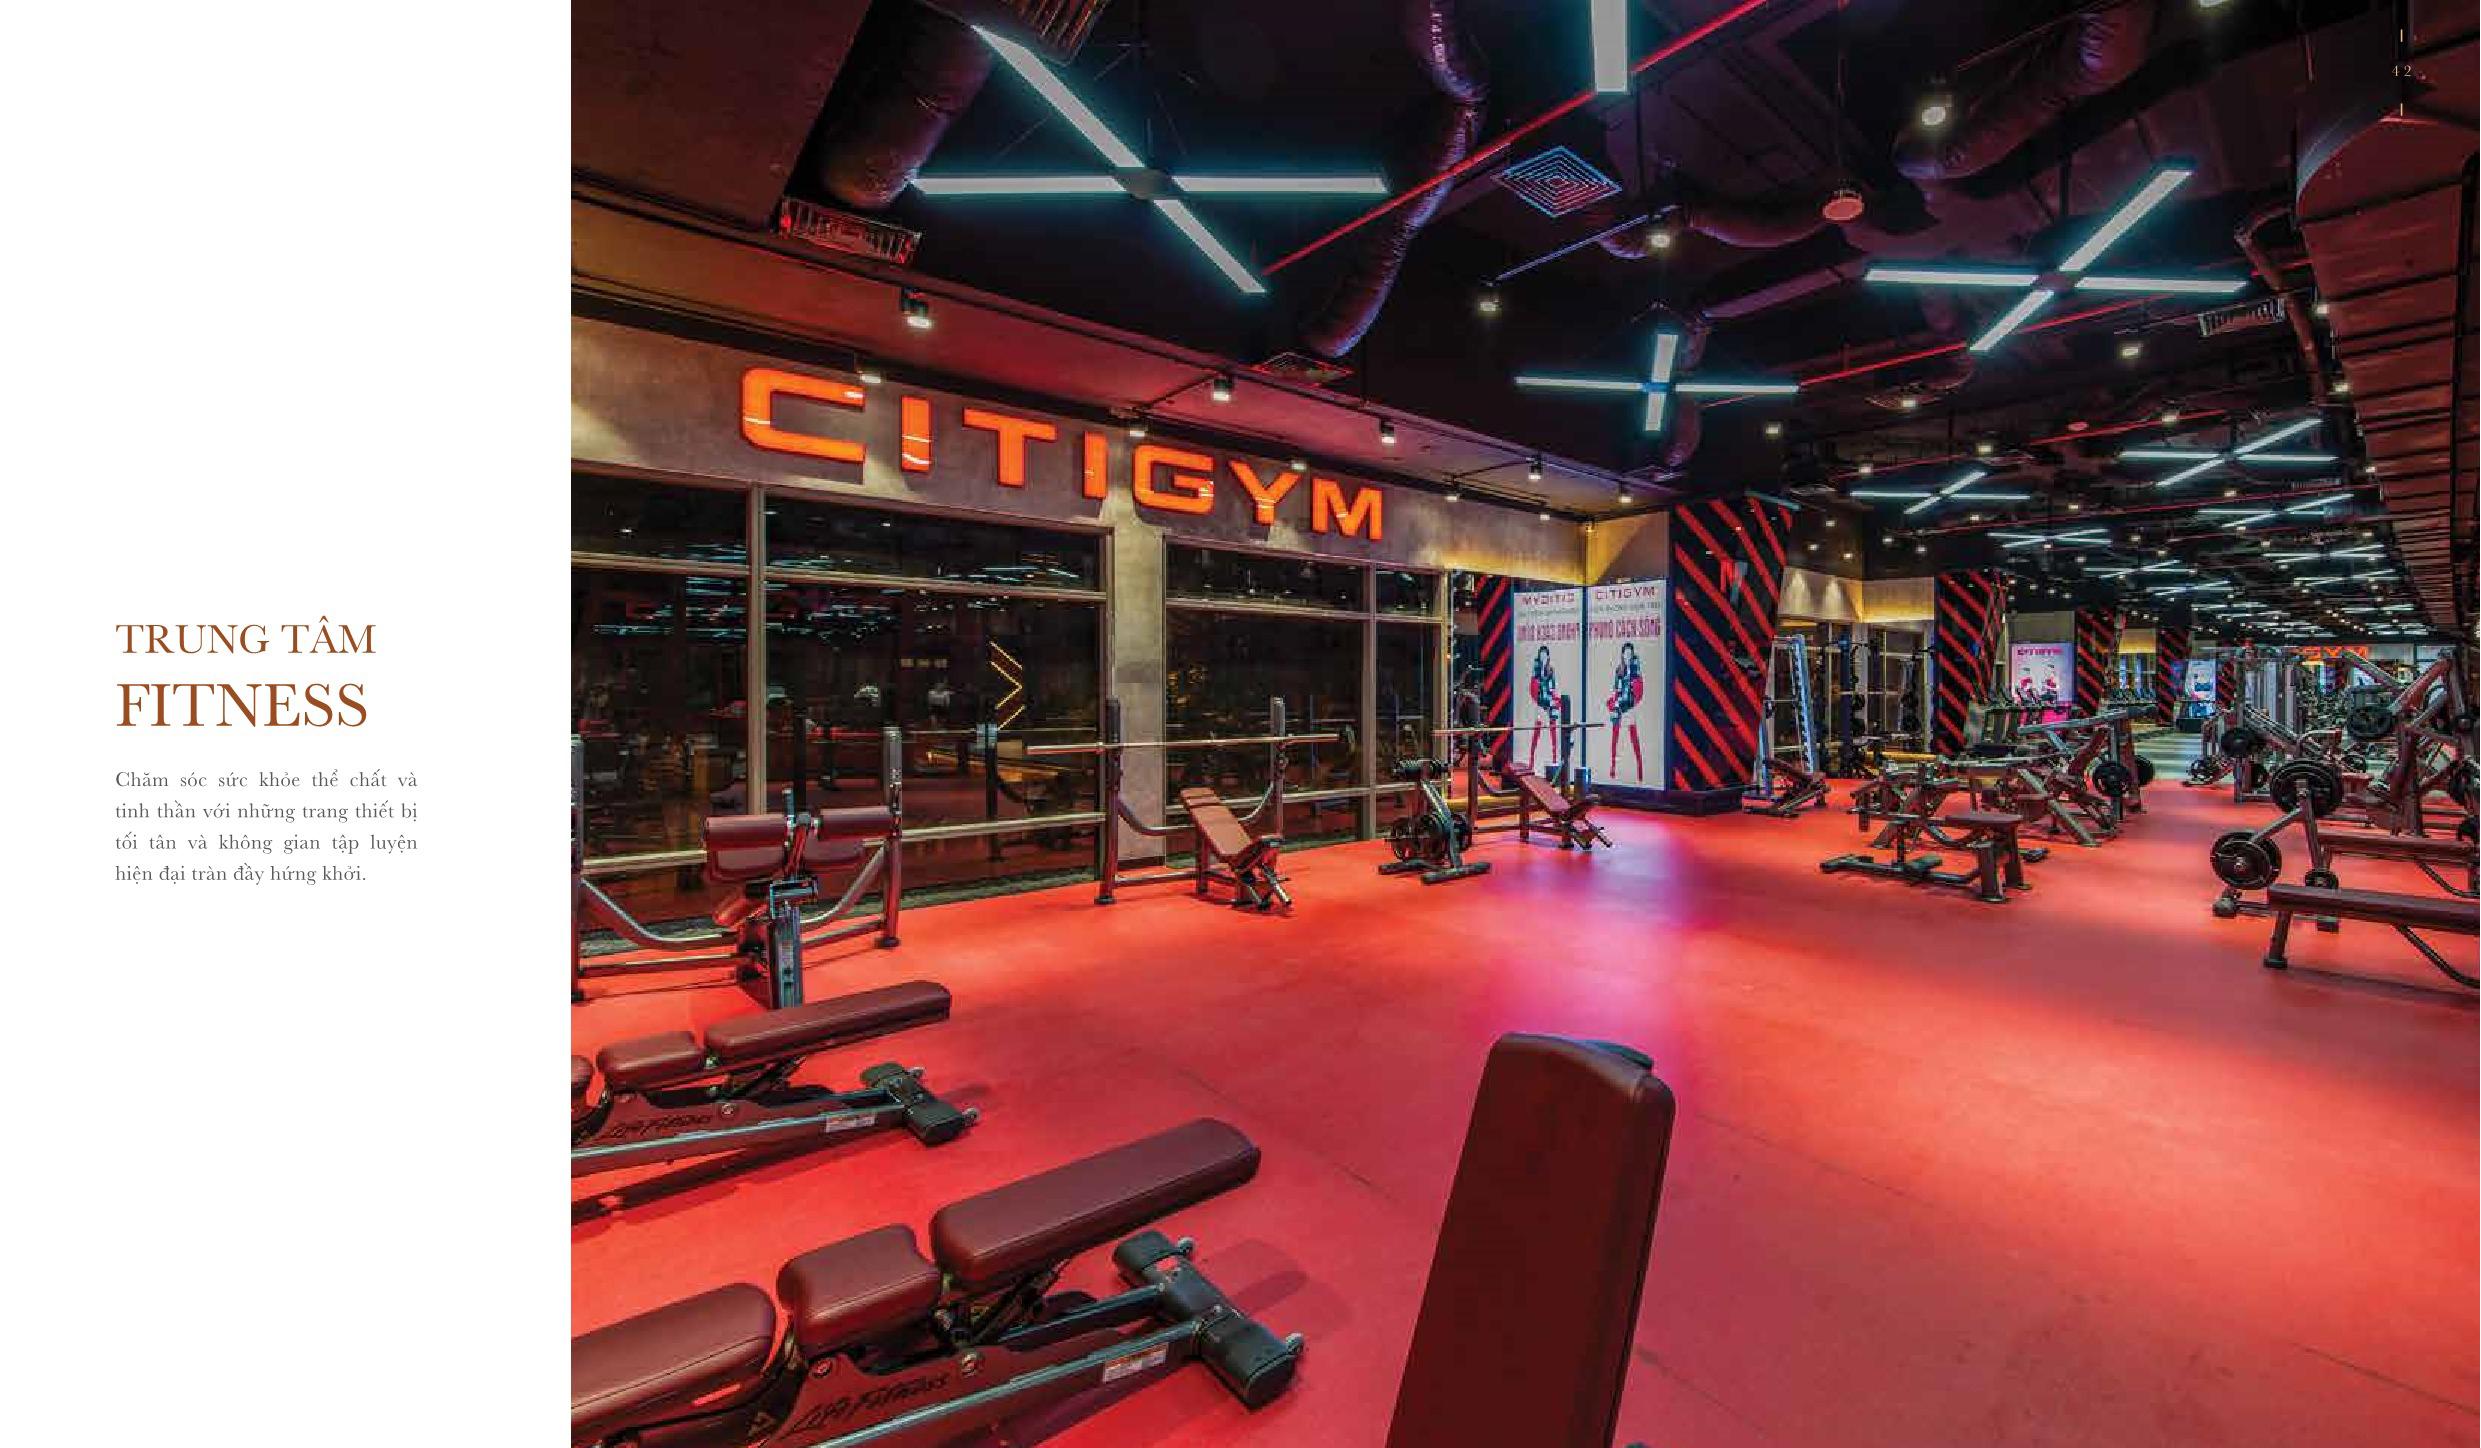 Trung tâm Fitness dự án The Grand Manhattan quận 1